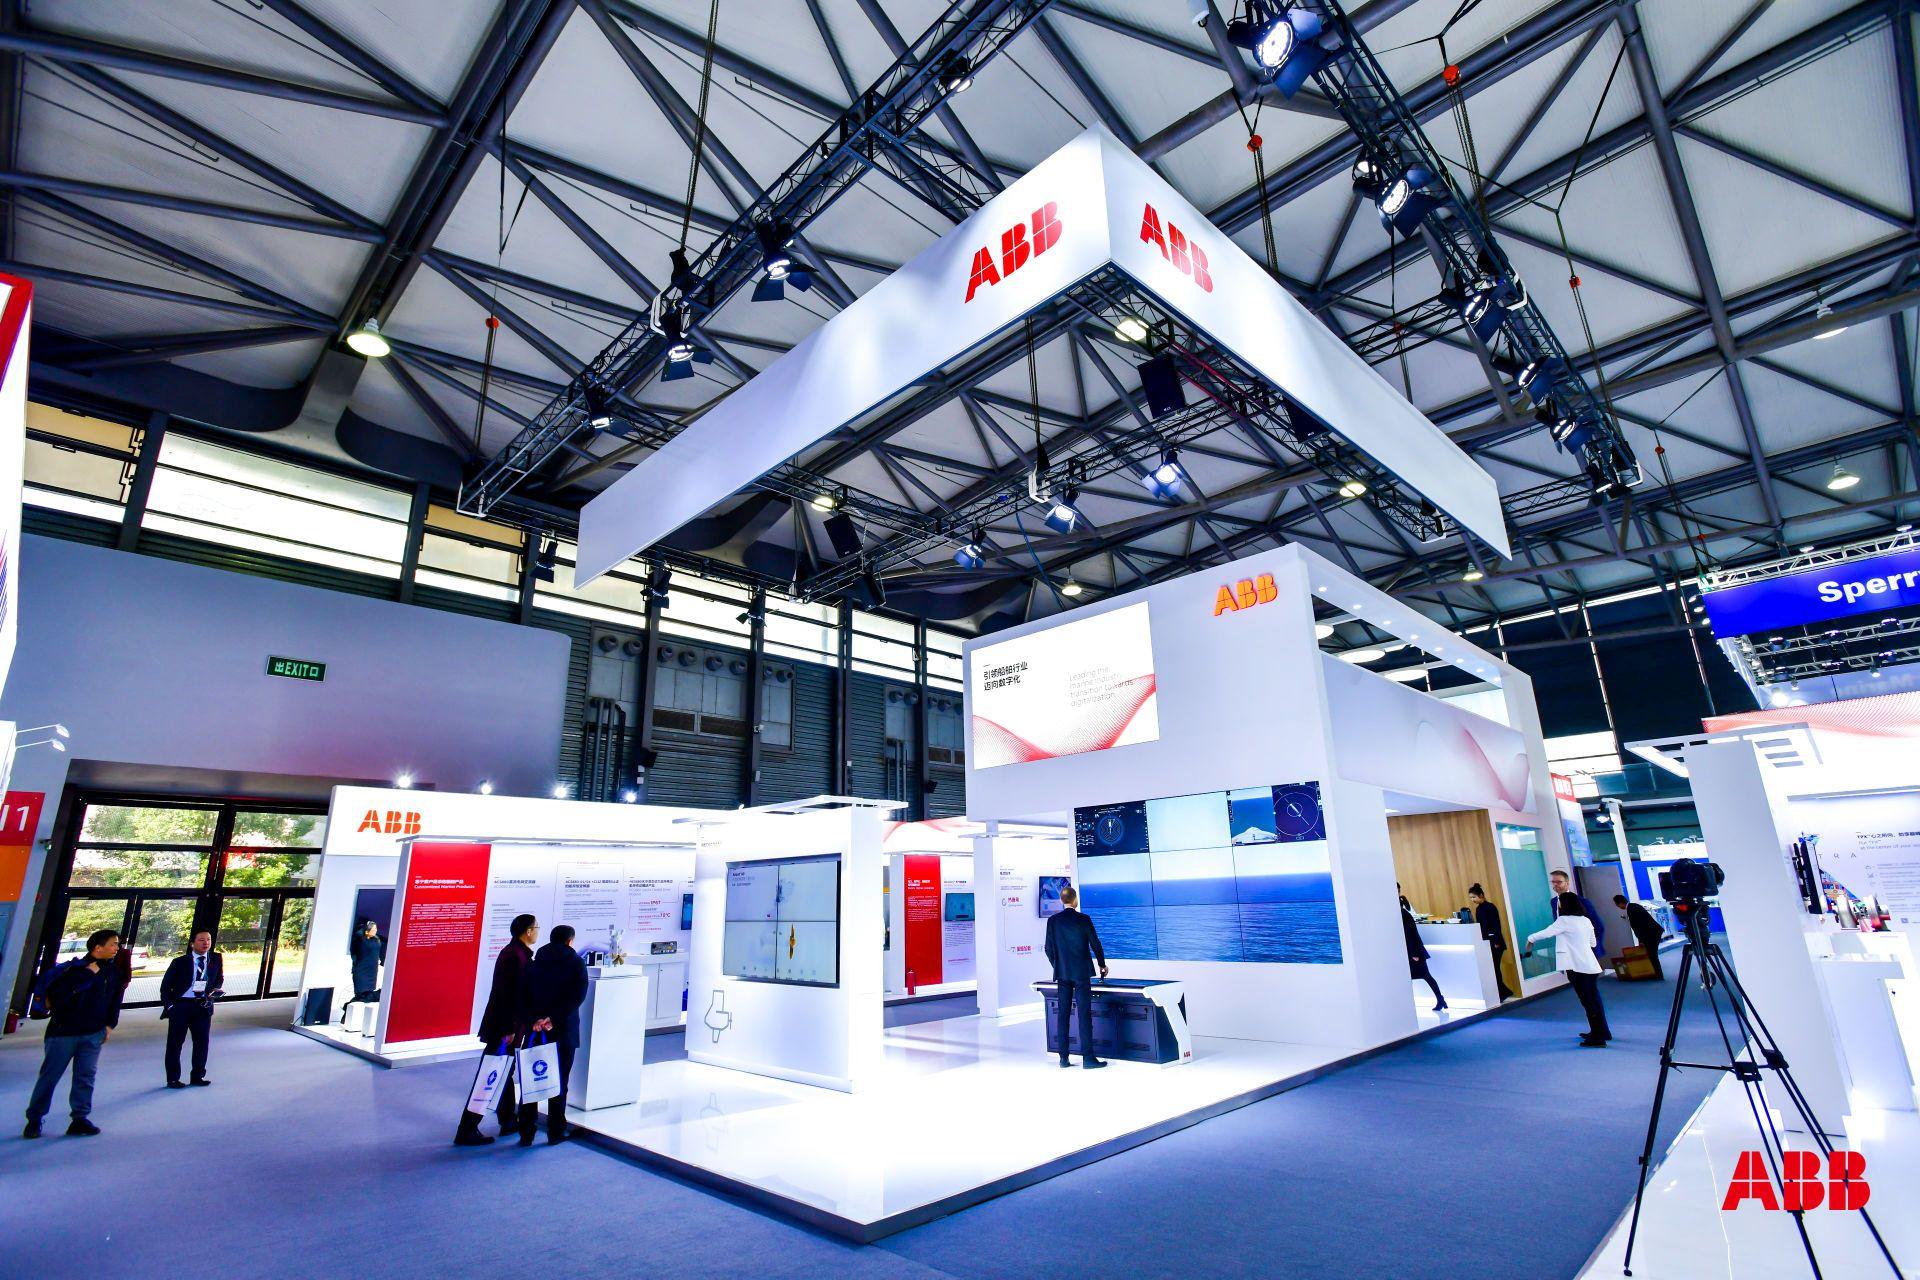 中国国际海事展ABB展位